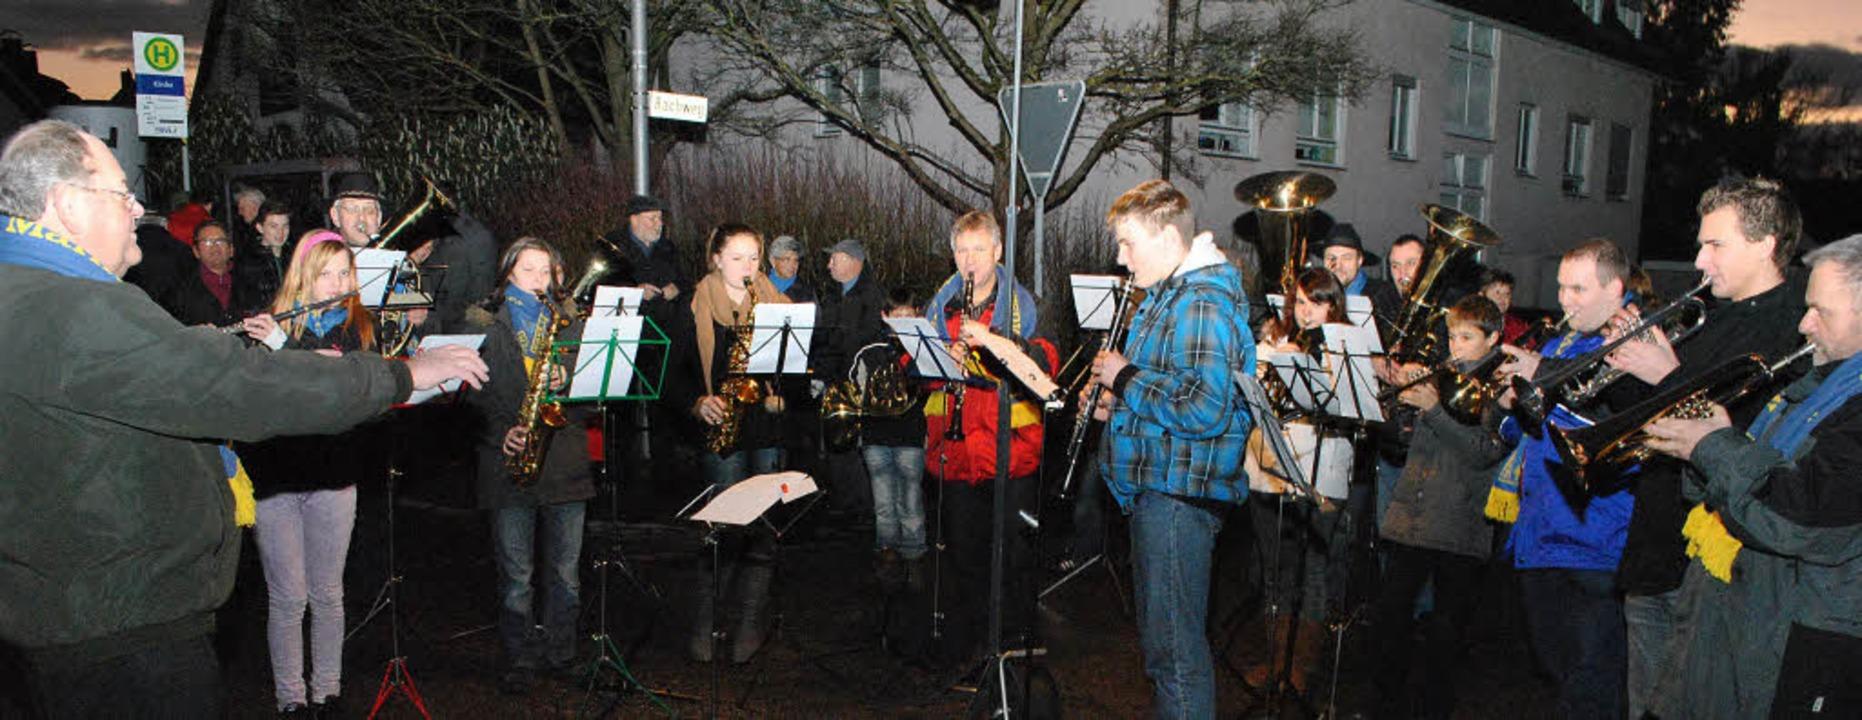 Der Musikverein Märkt unter der Leitun... Besucher mit weihnachtlichen Klängen.  | Foto: Norbert Sedlak